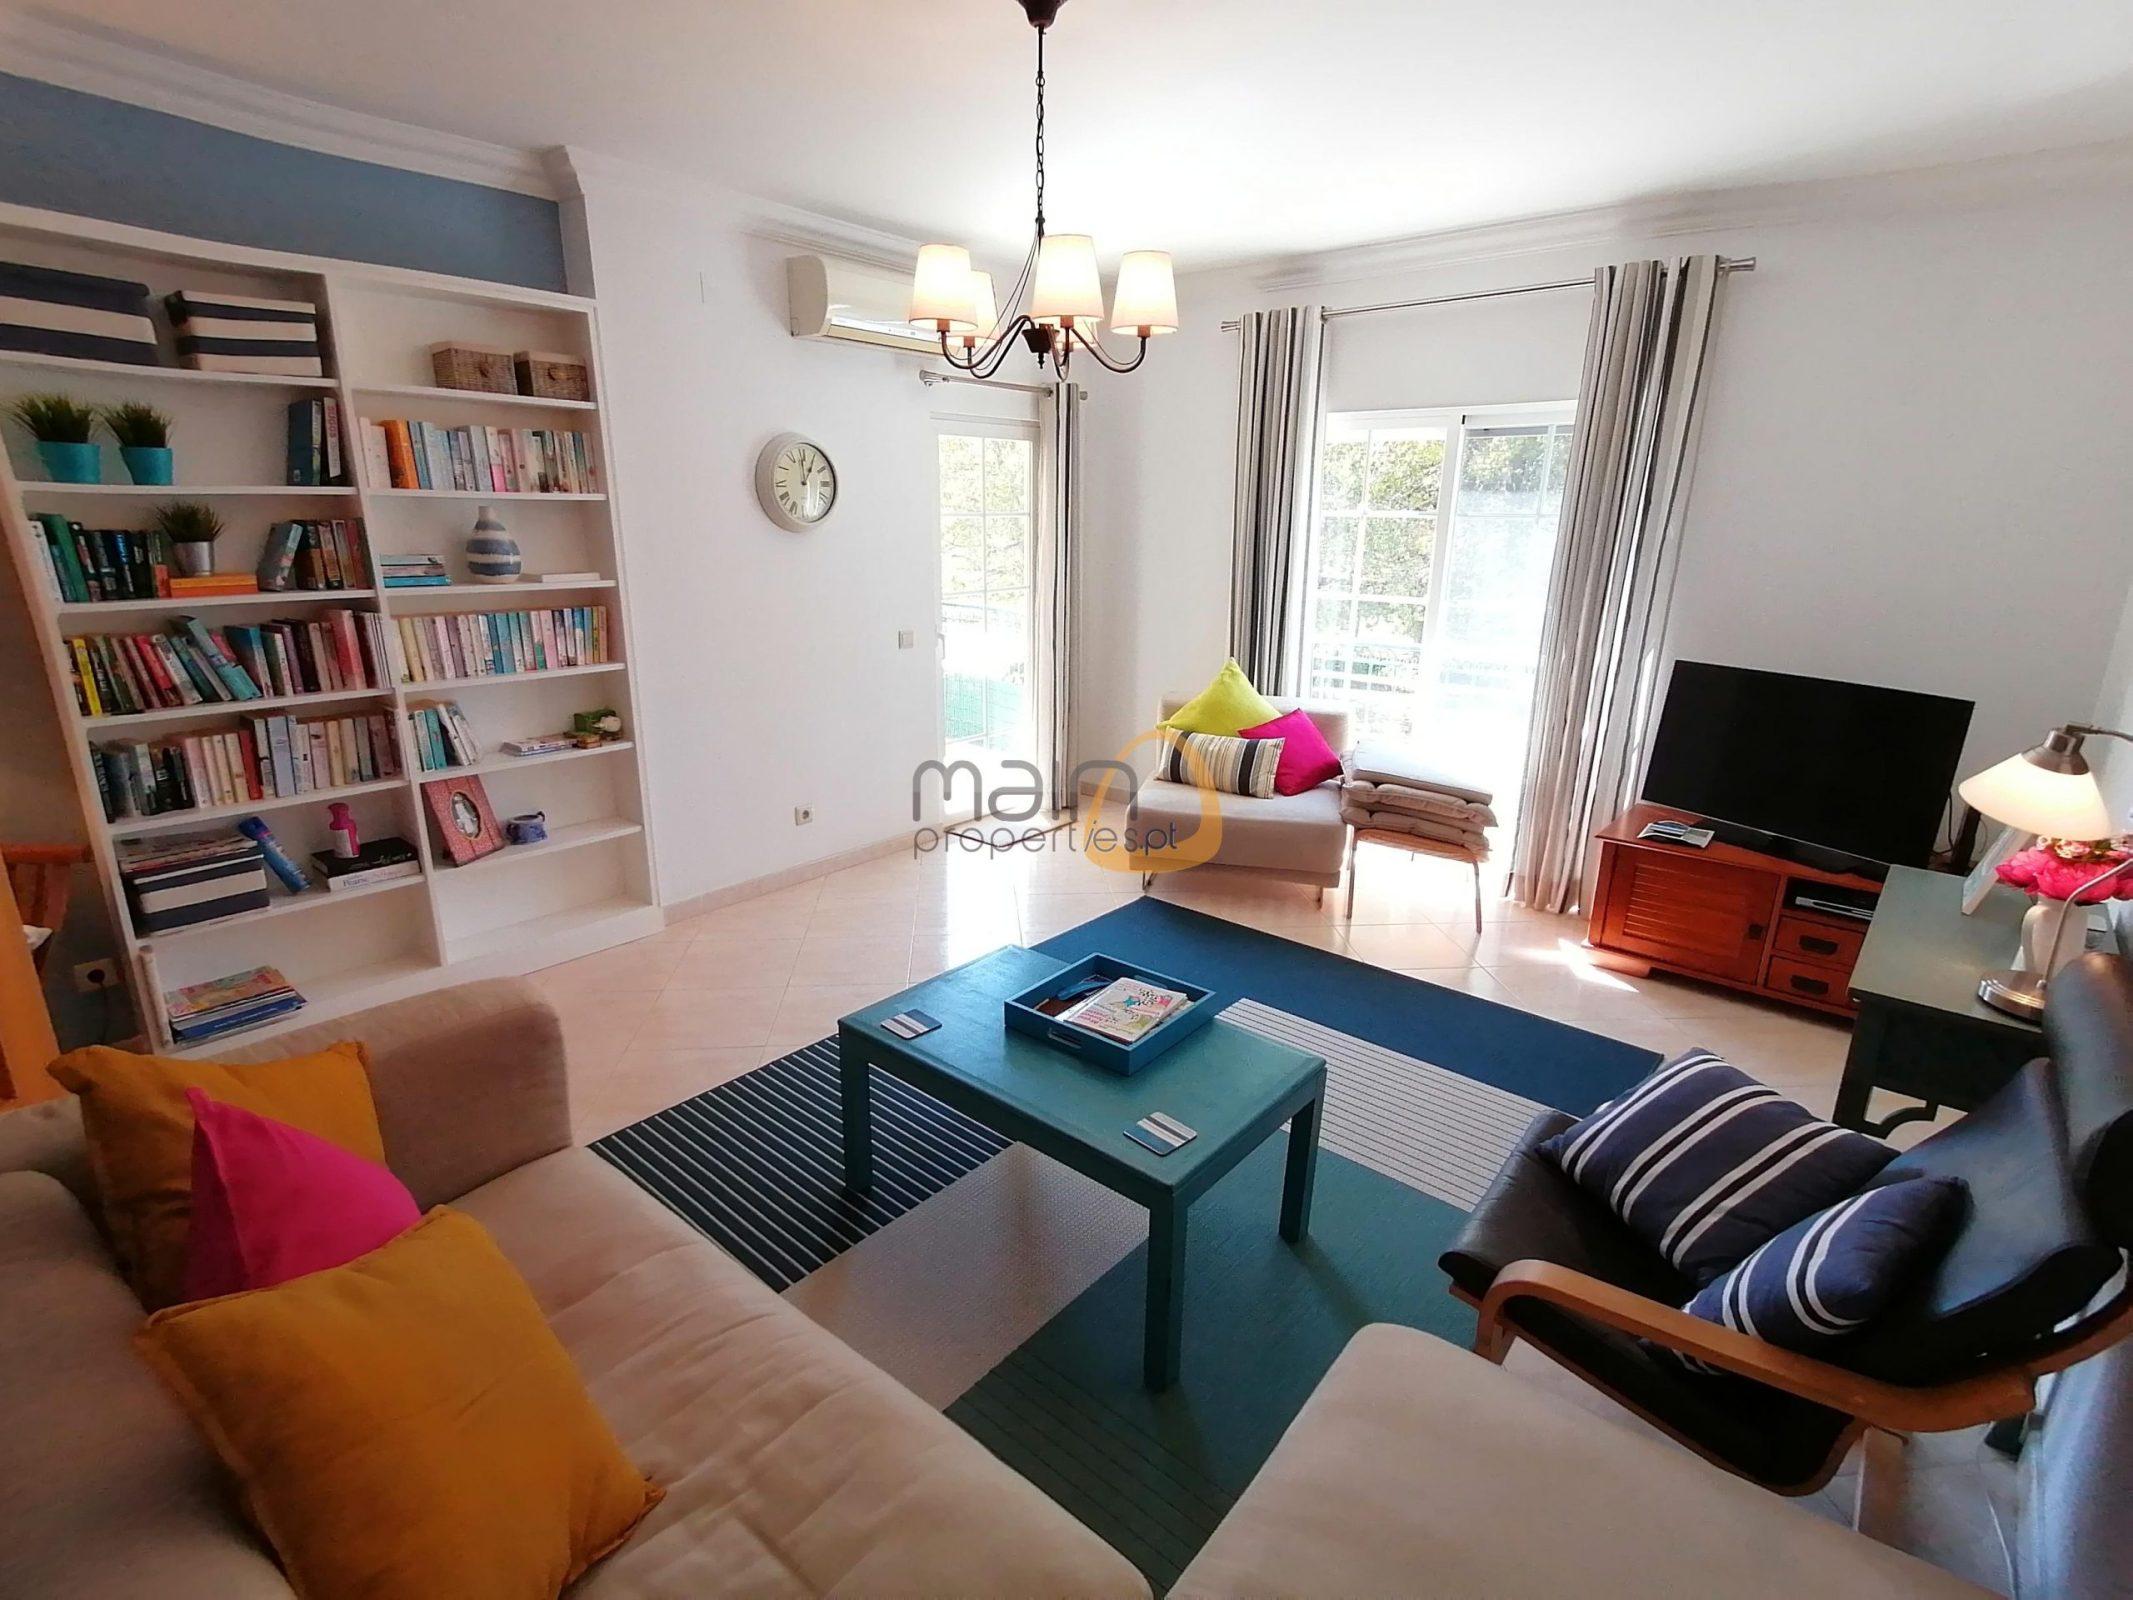 Apartamento com 3 quartos no centro de Almancil